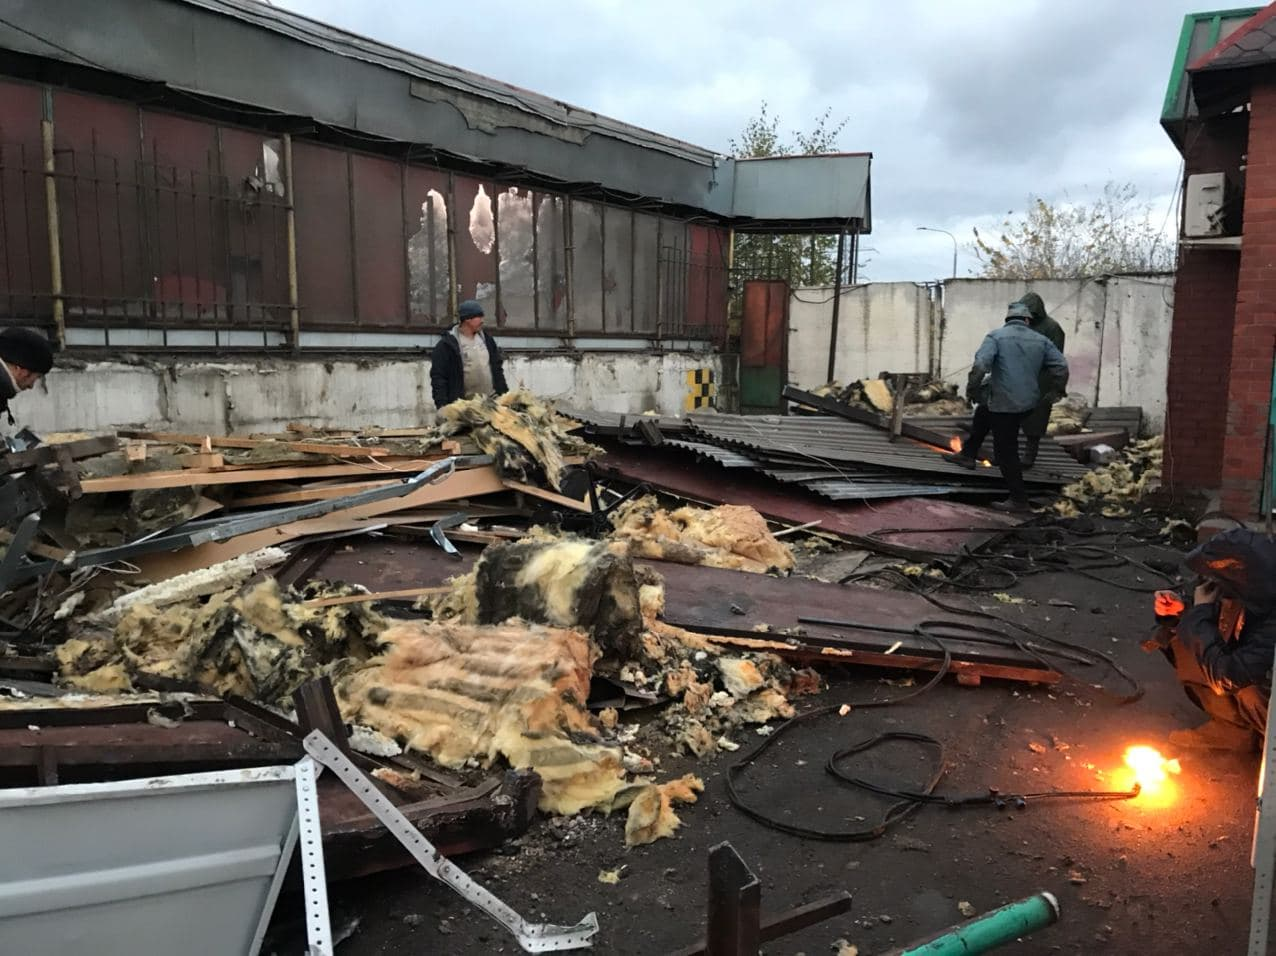 Демонтаж на территории района Дегунино в Москве